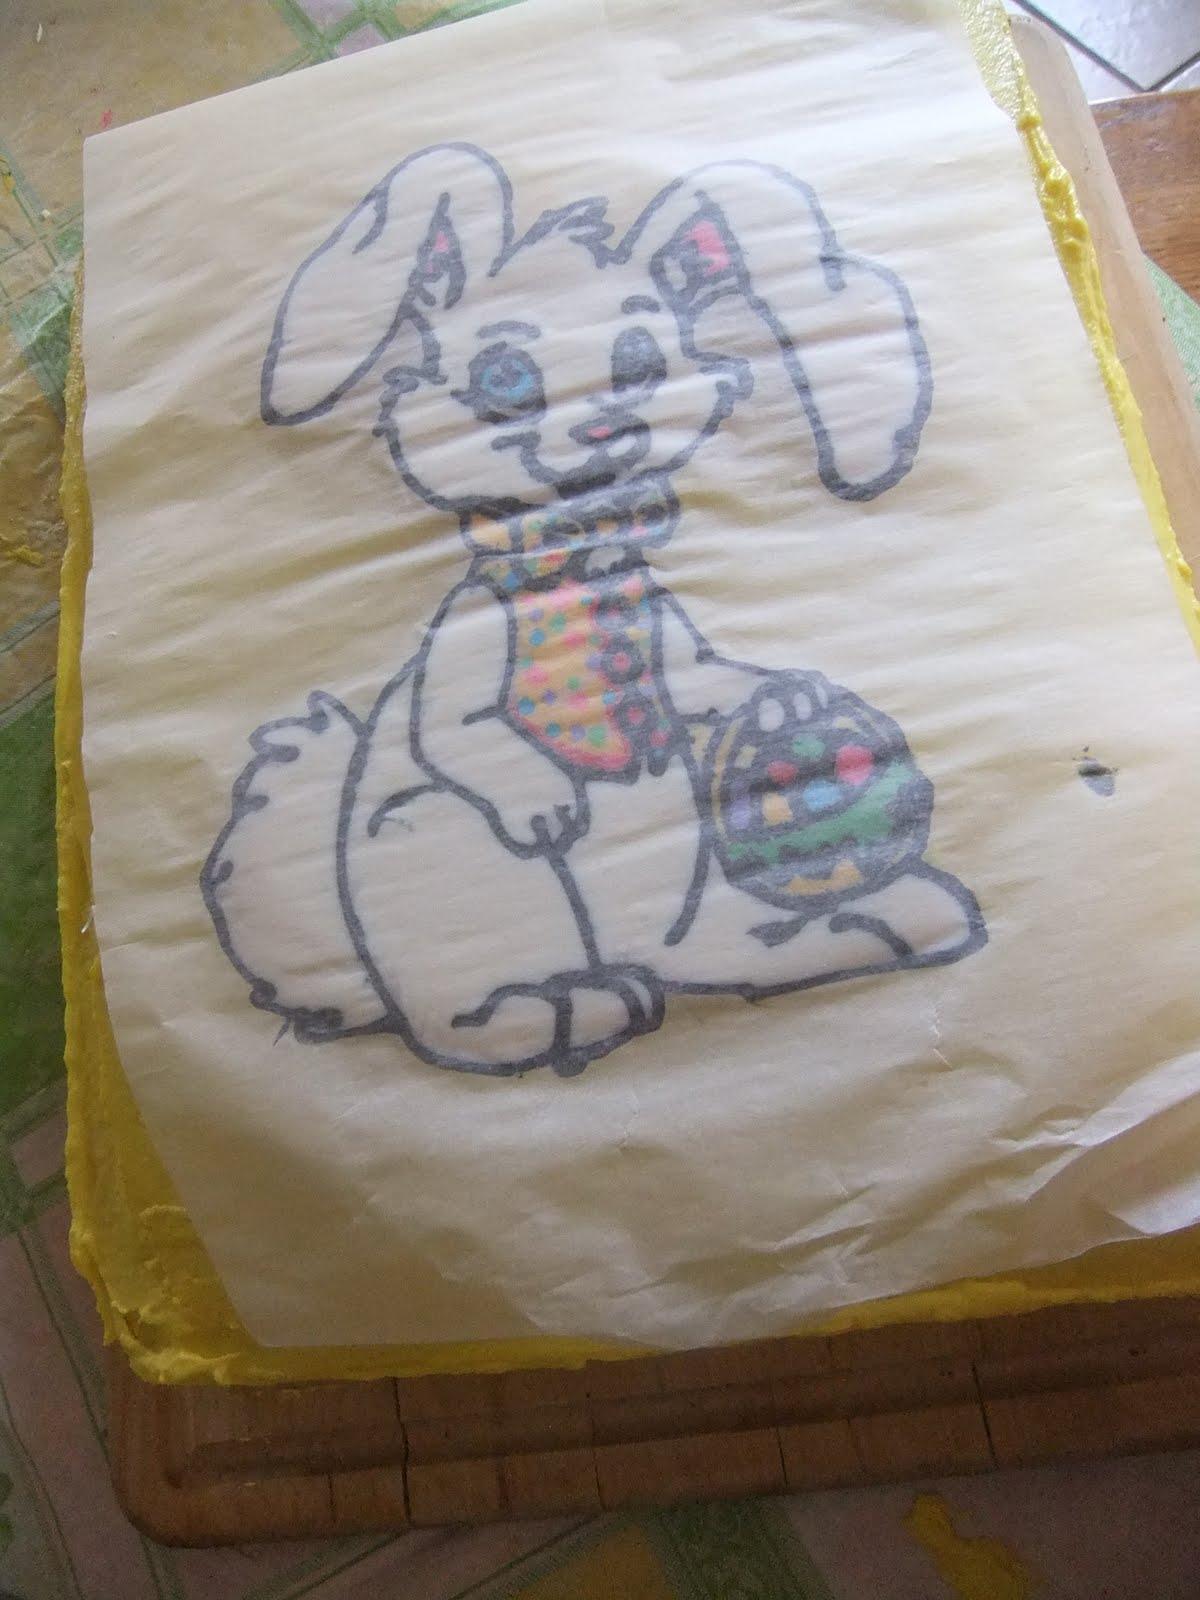 Cake Decorating Frozen Buttercream Transfer : Cakefullness: Frozen Buttercream Transfer Tutorial